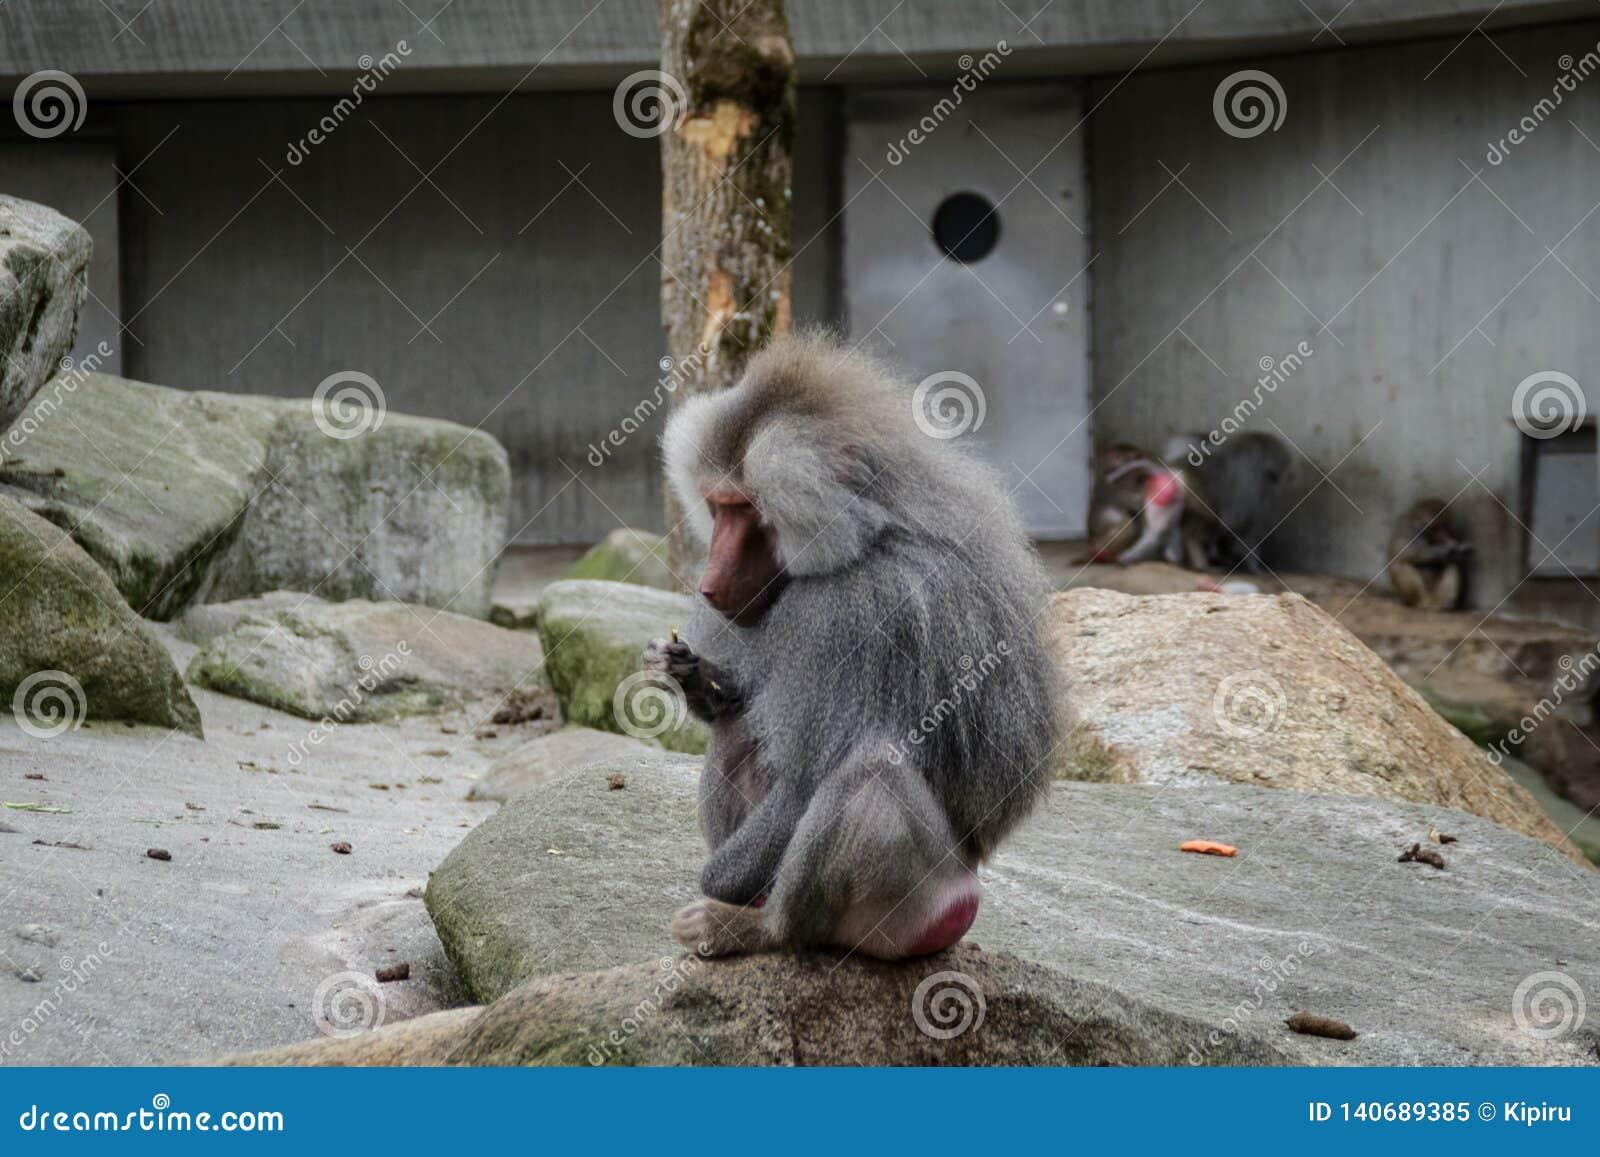 Hamadryas baboon monkey